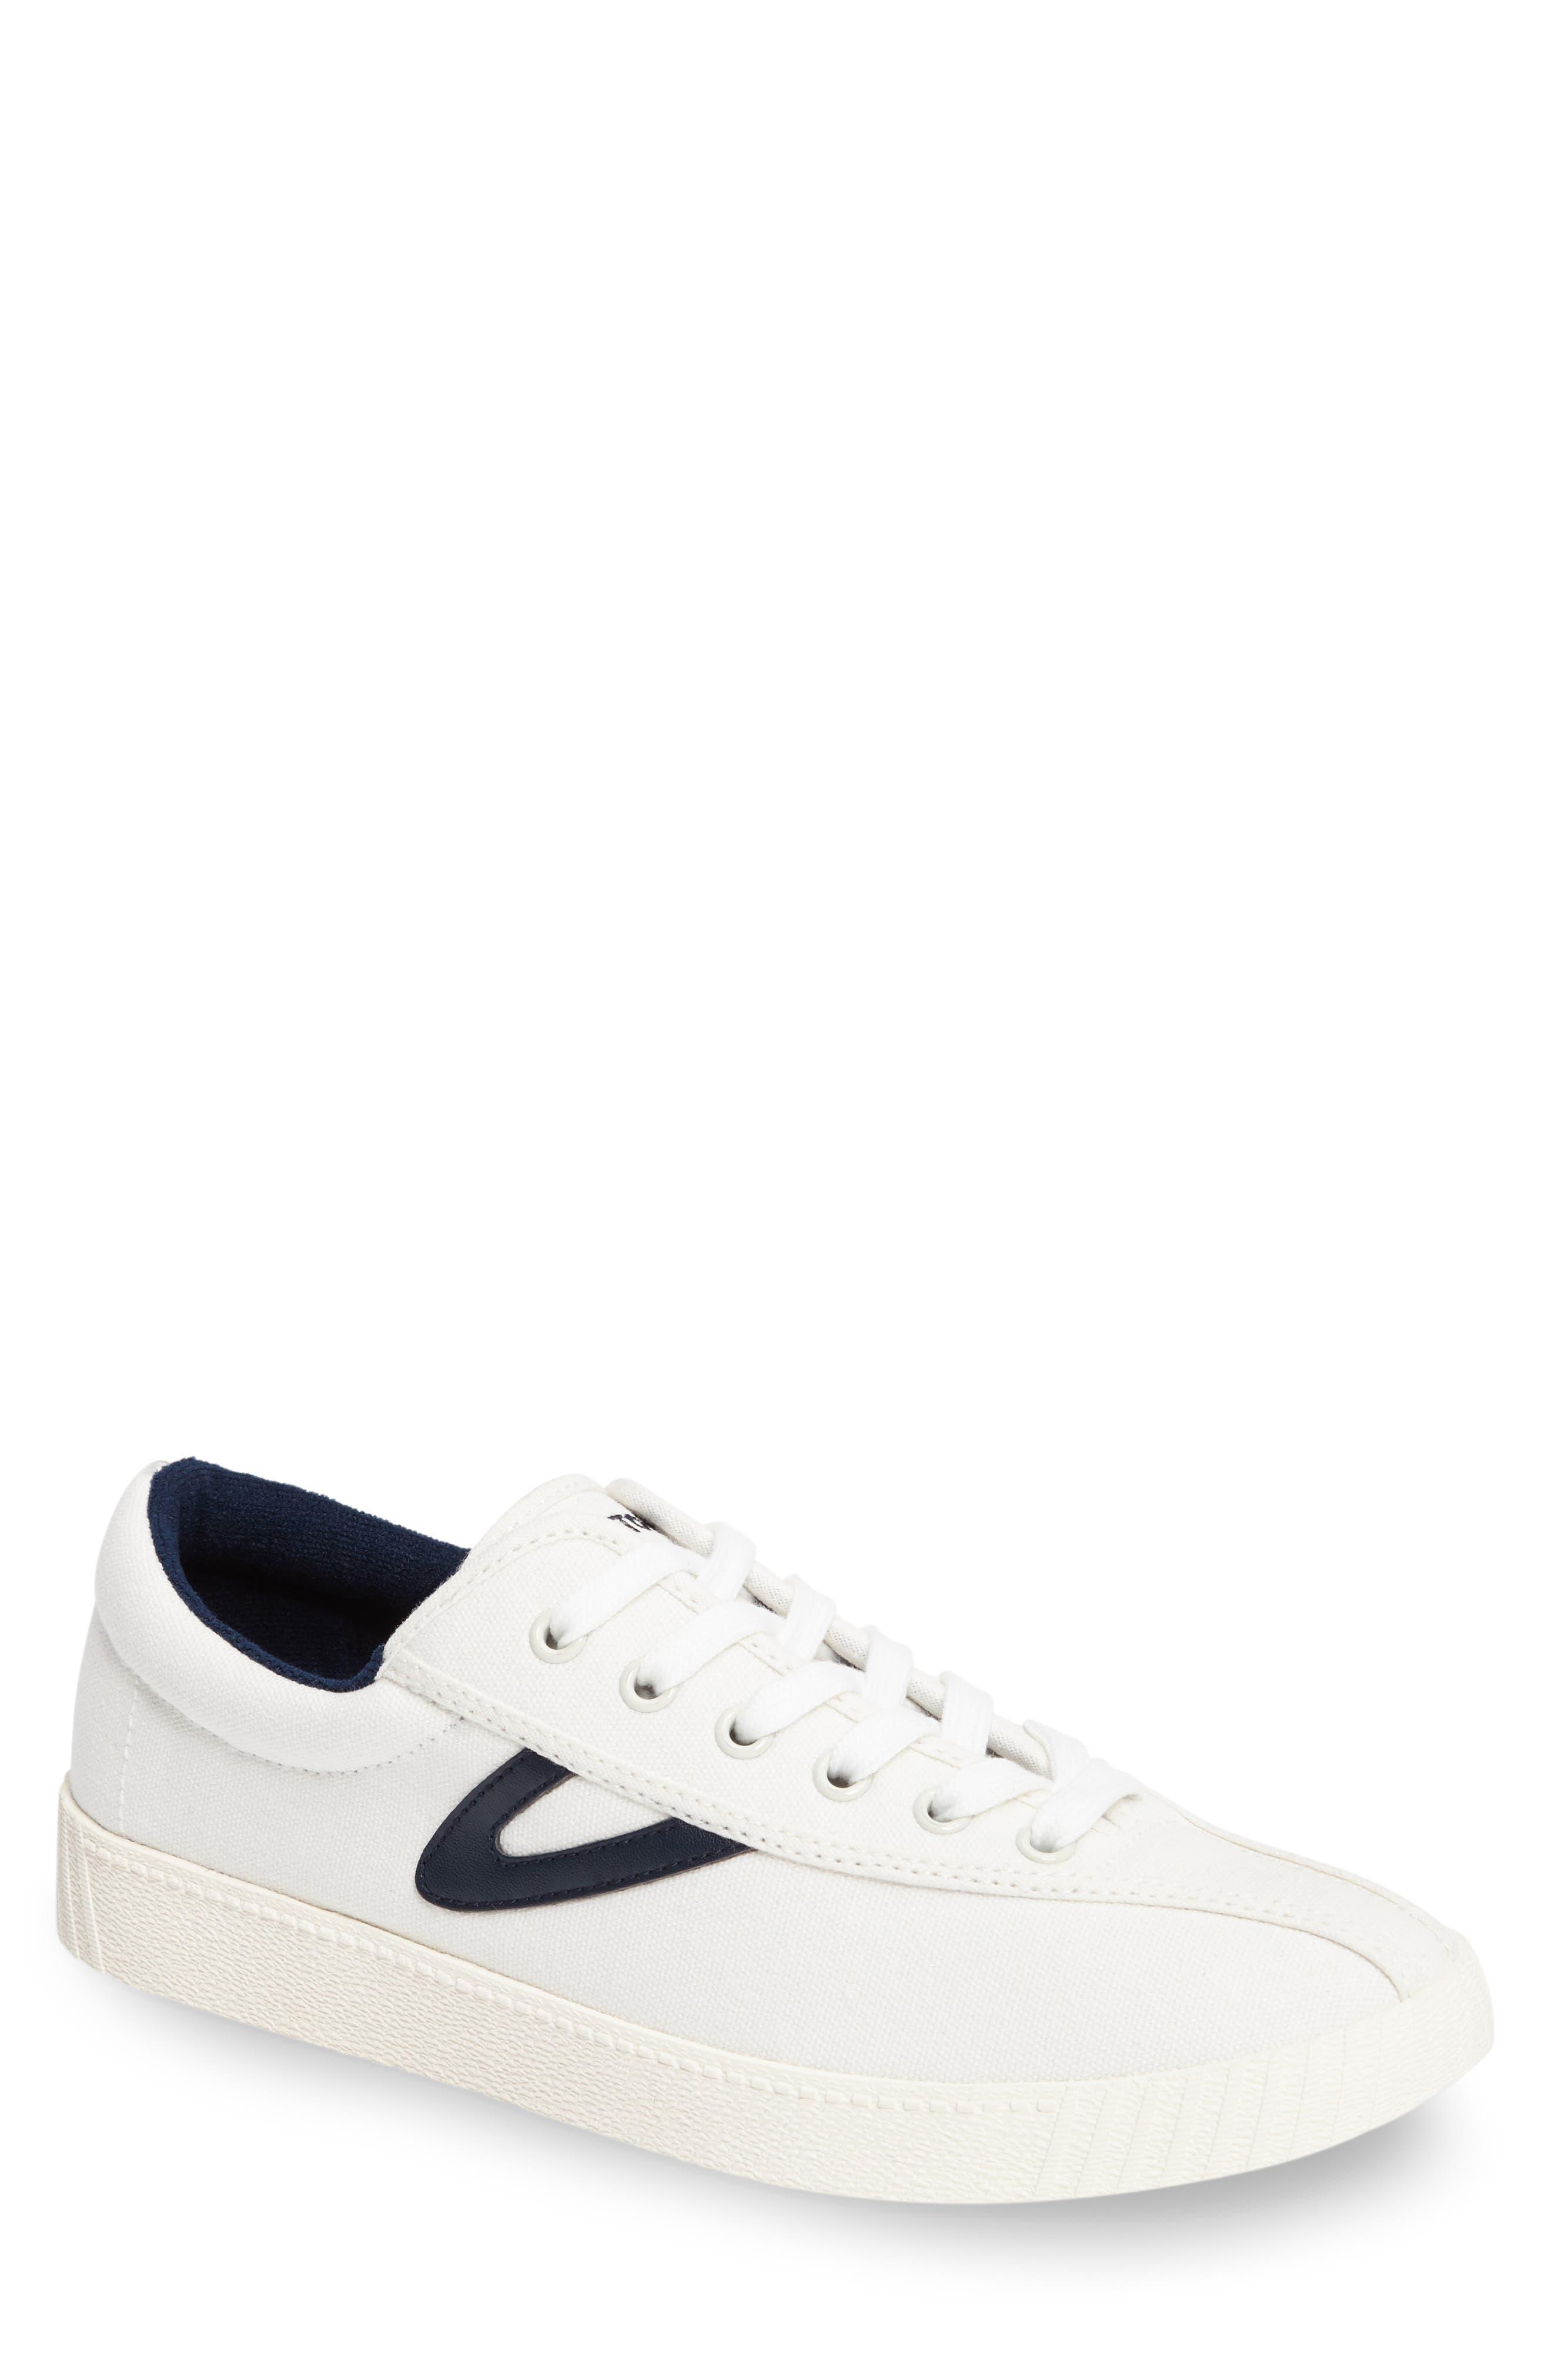 Nylite Plus Sneaker,                             Main thumbnail 1, color,                             WHITE/ WHITE/ NIGHT CANVAS